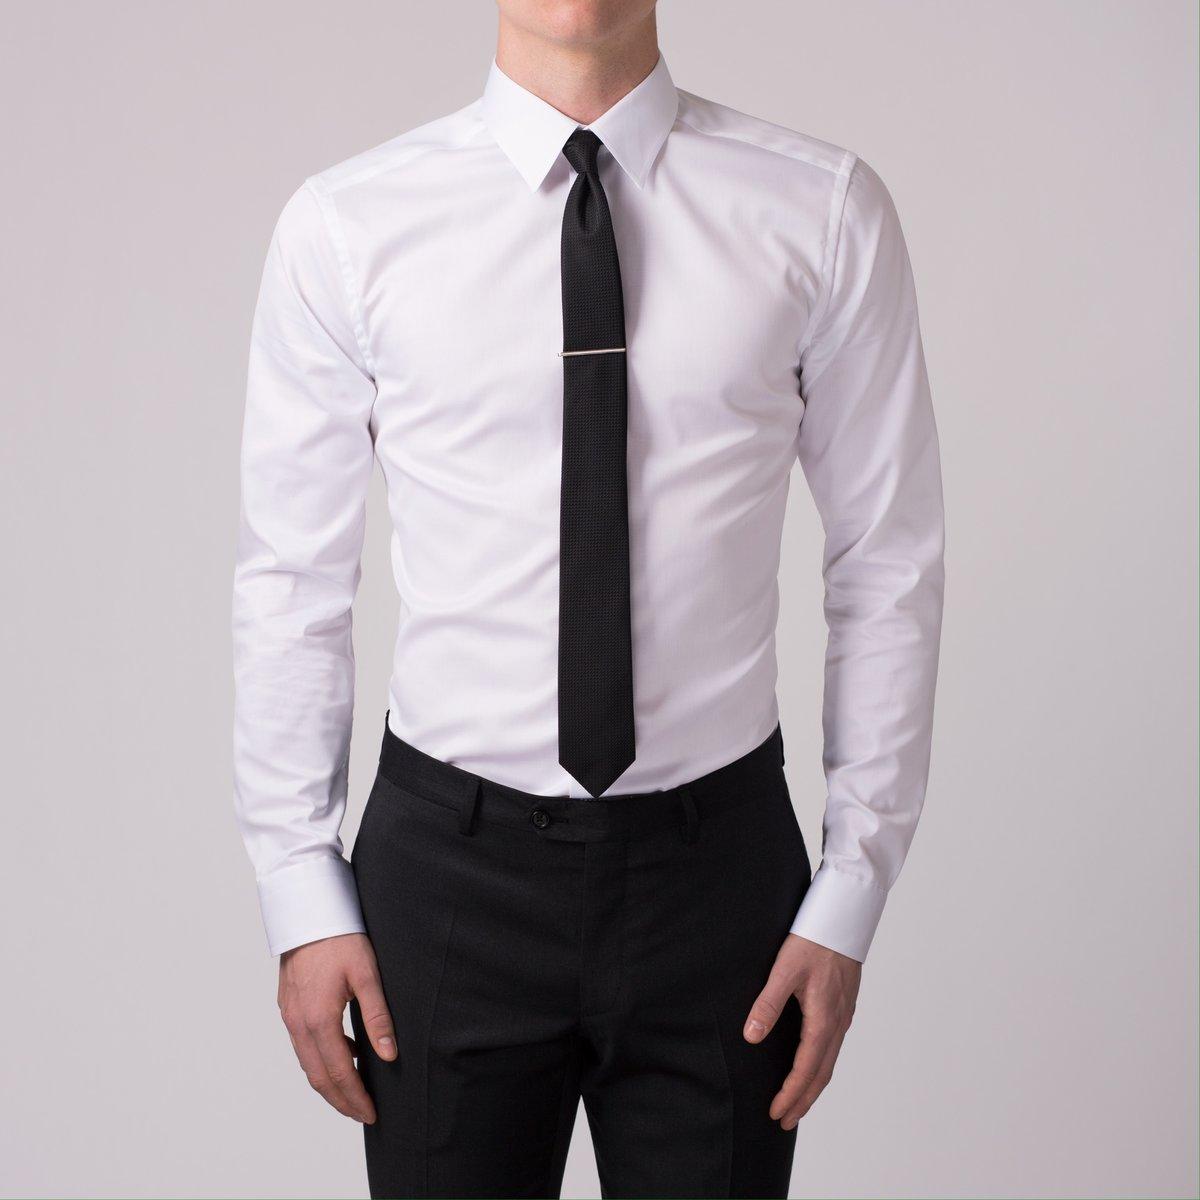 белая рубашка с галстуком фото стоит